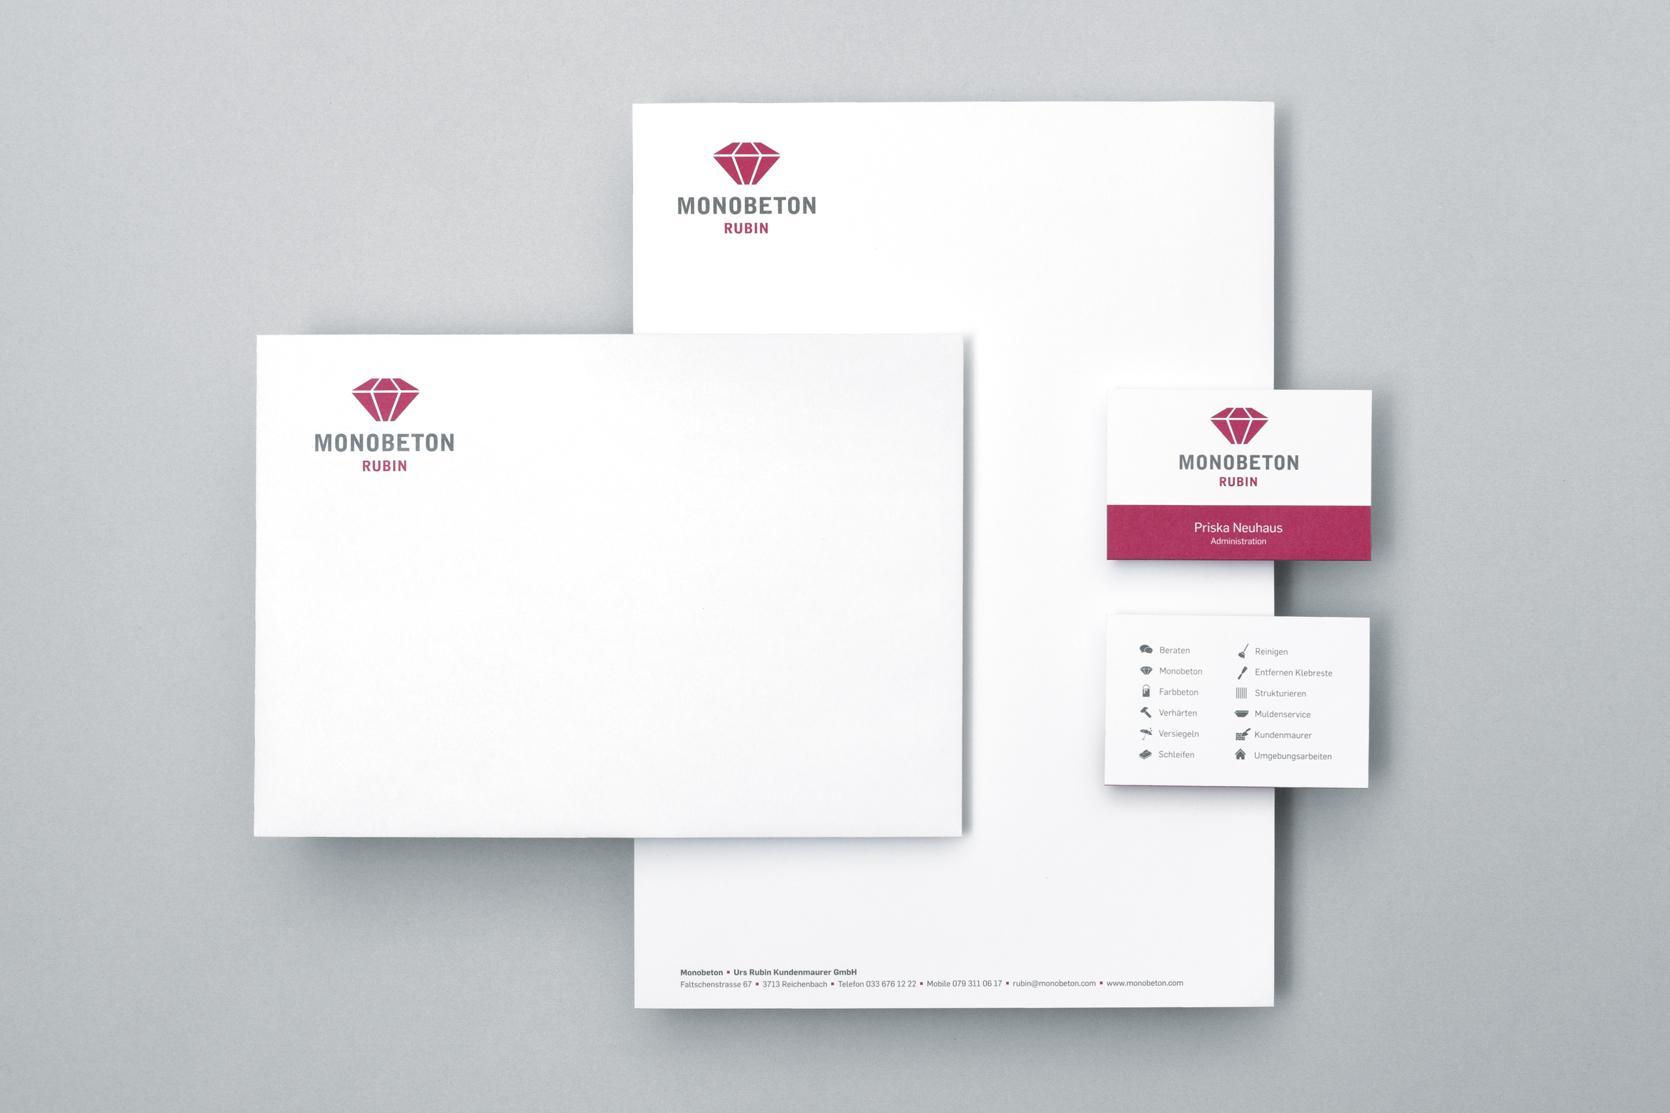 Briefschaften Monobeton